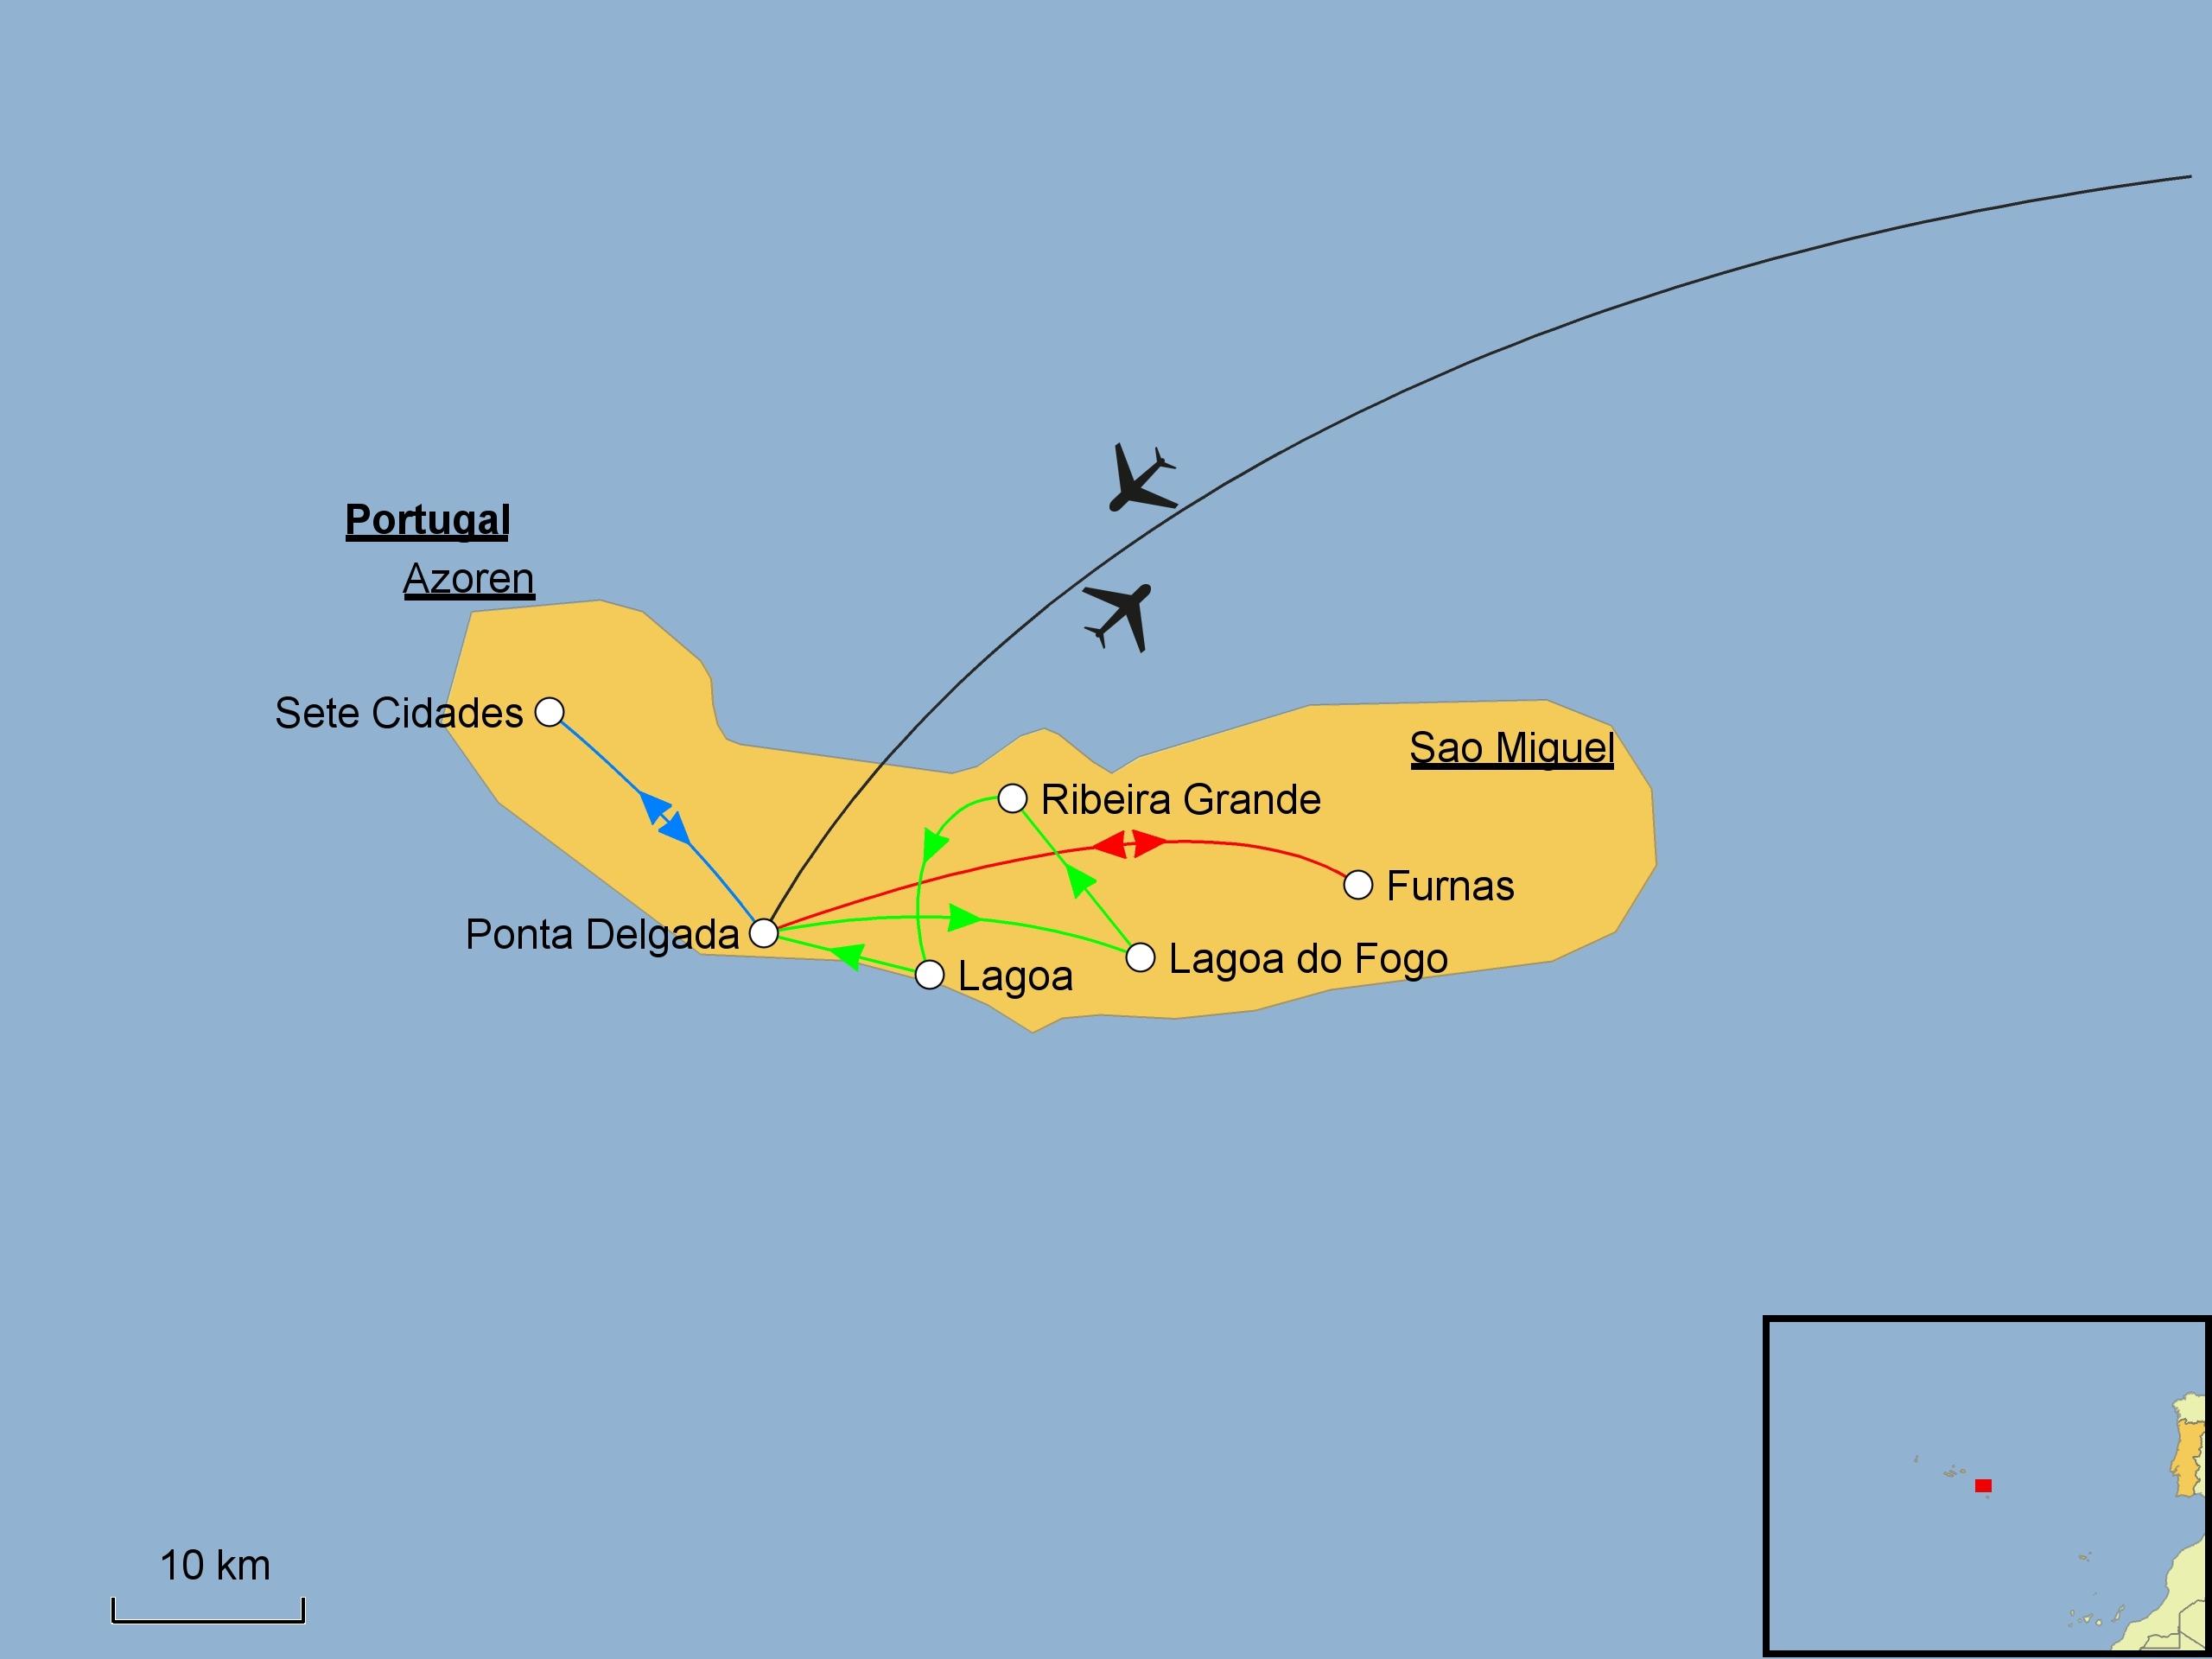 Azoren Karte.Azoren